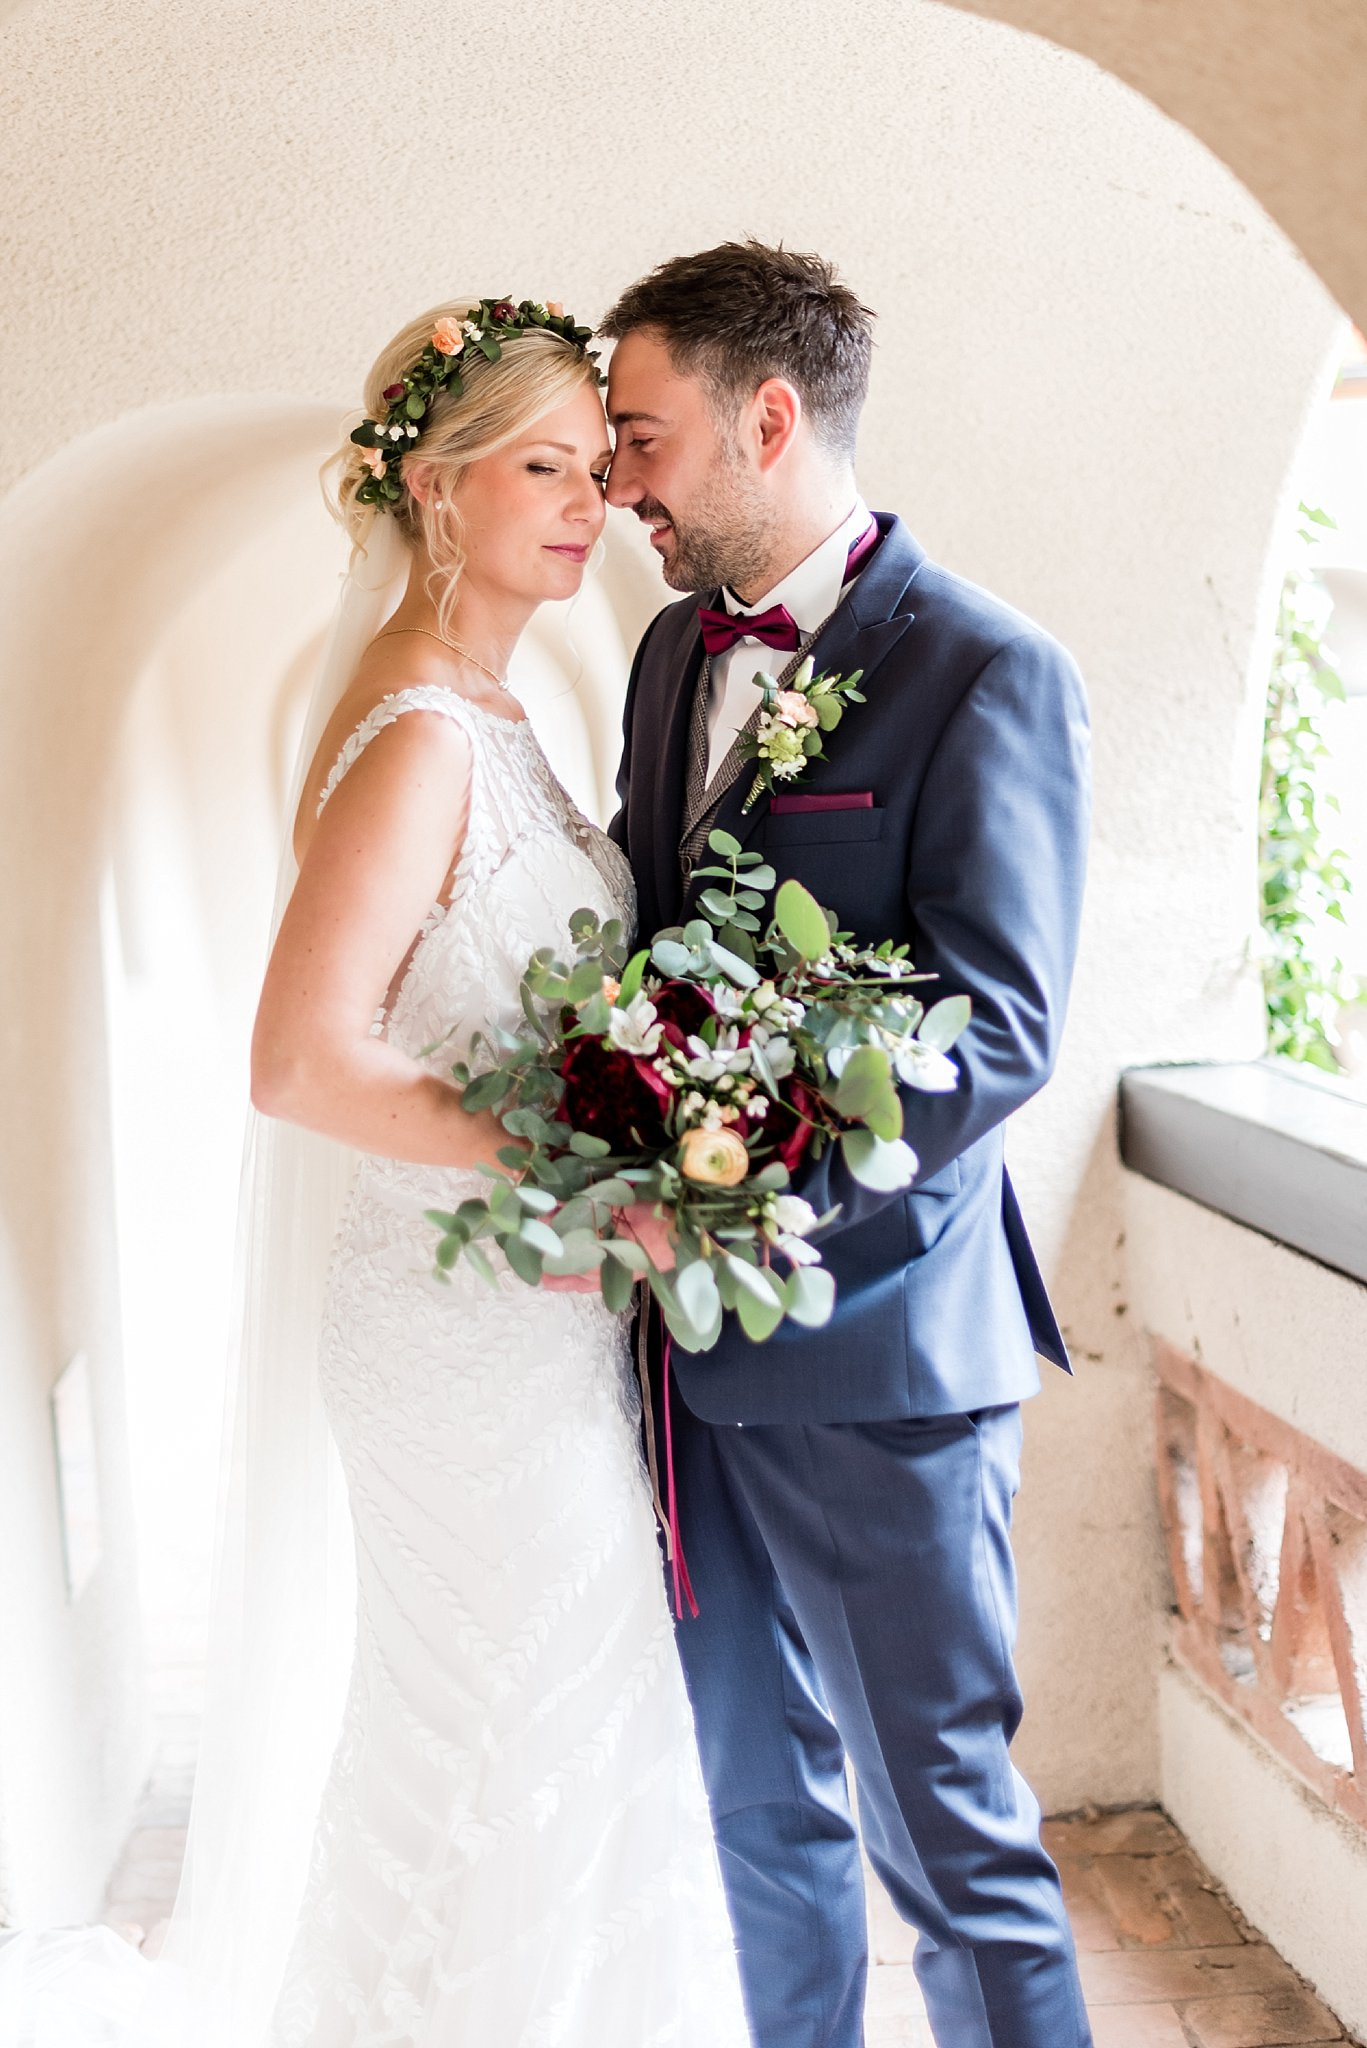 Hochzeit-von-Marina-Dominik-auf-Burg-Wernberg-und-Schloss-Friedrichsburg-00026